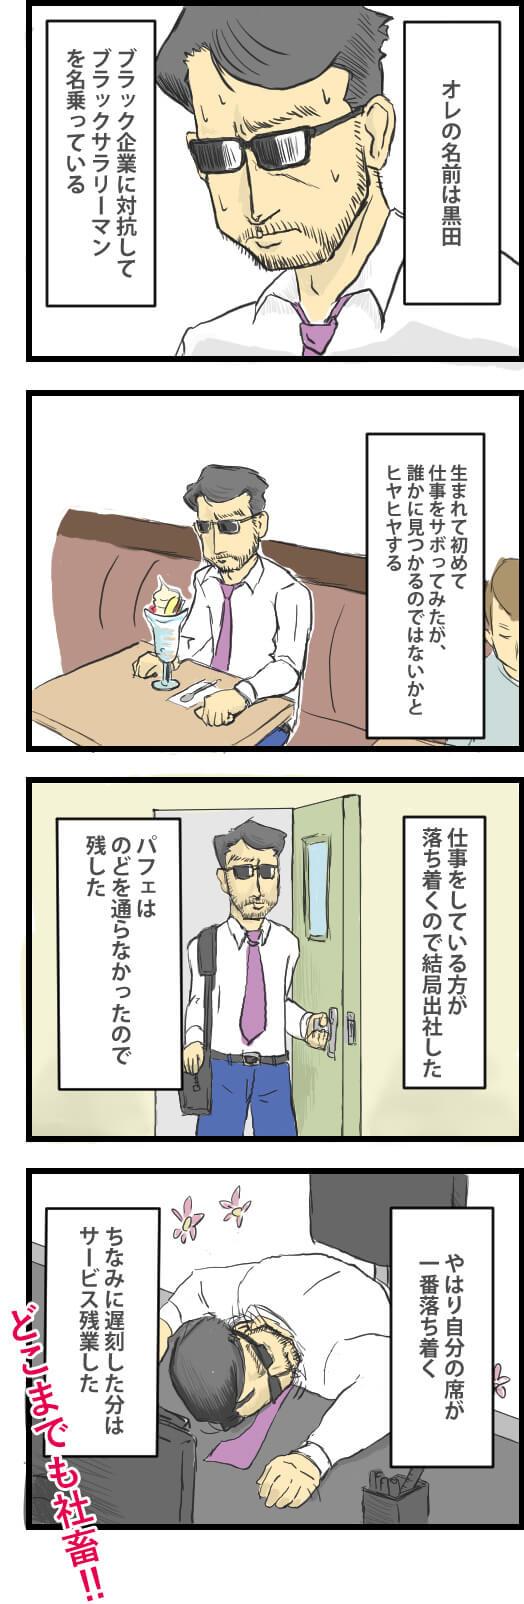 ブラックサラリーマン3_03.jpg